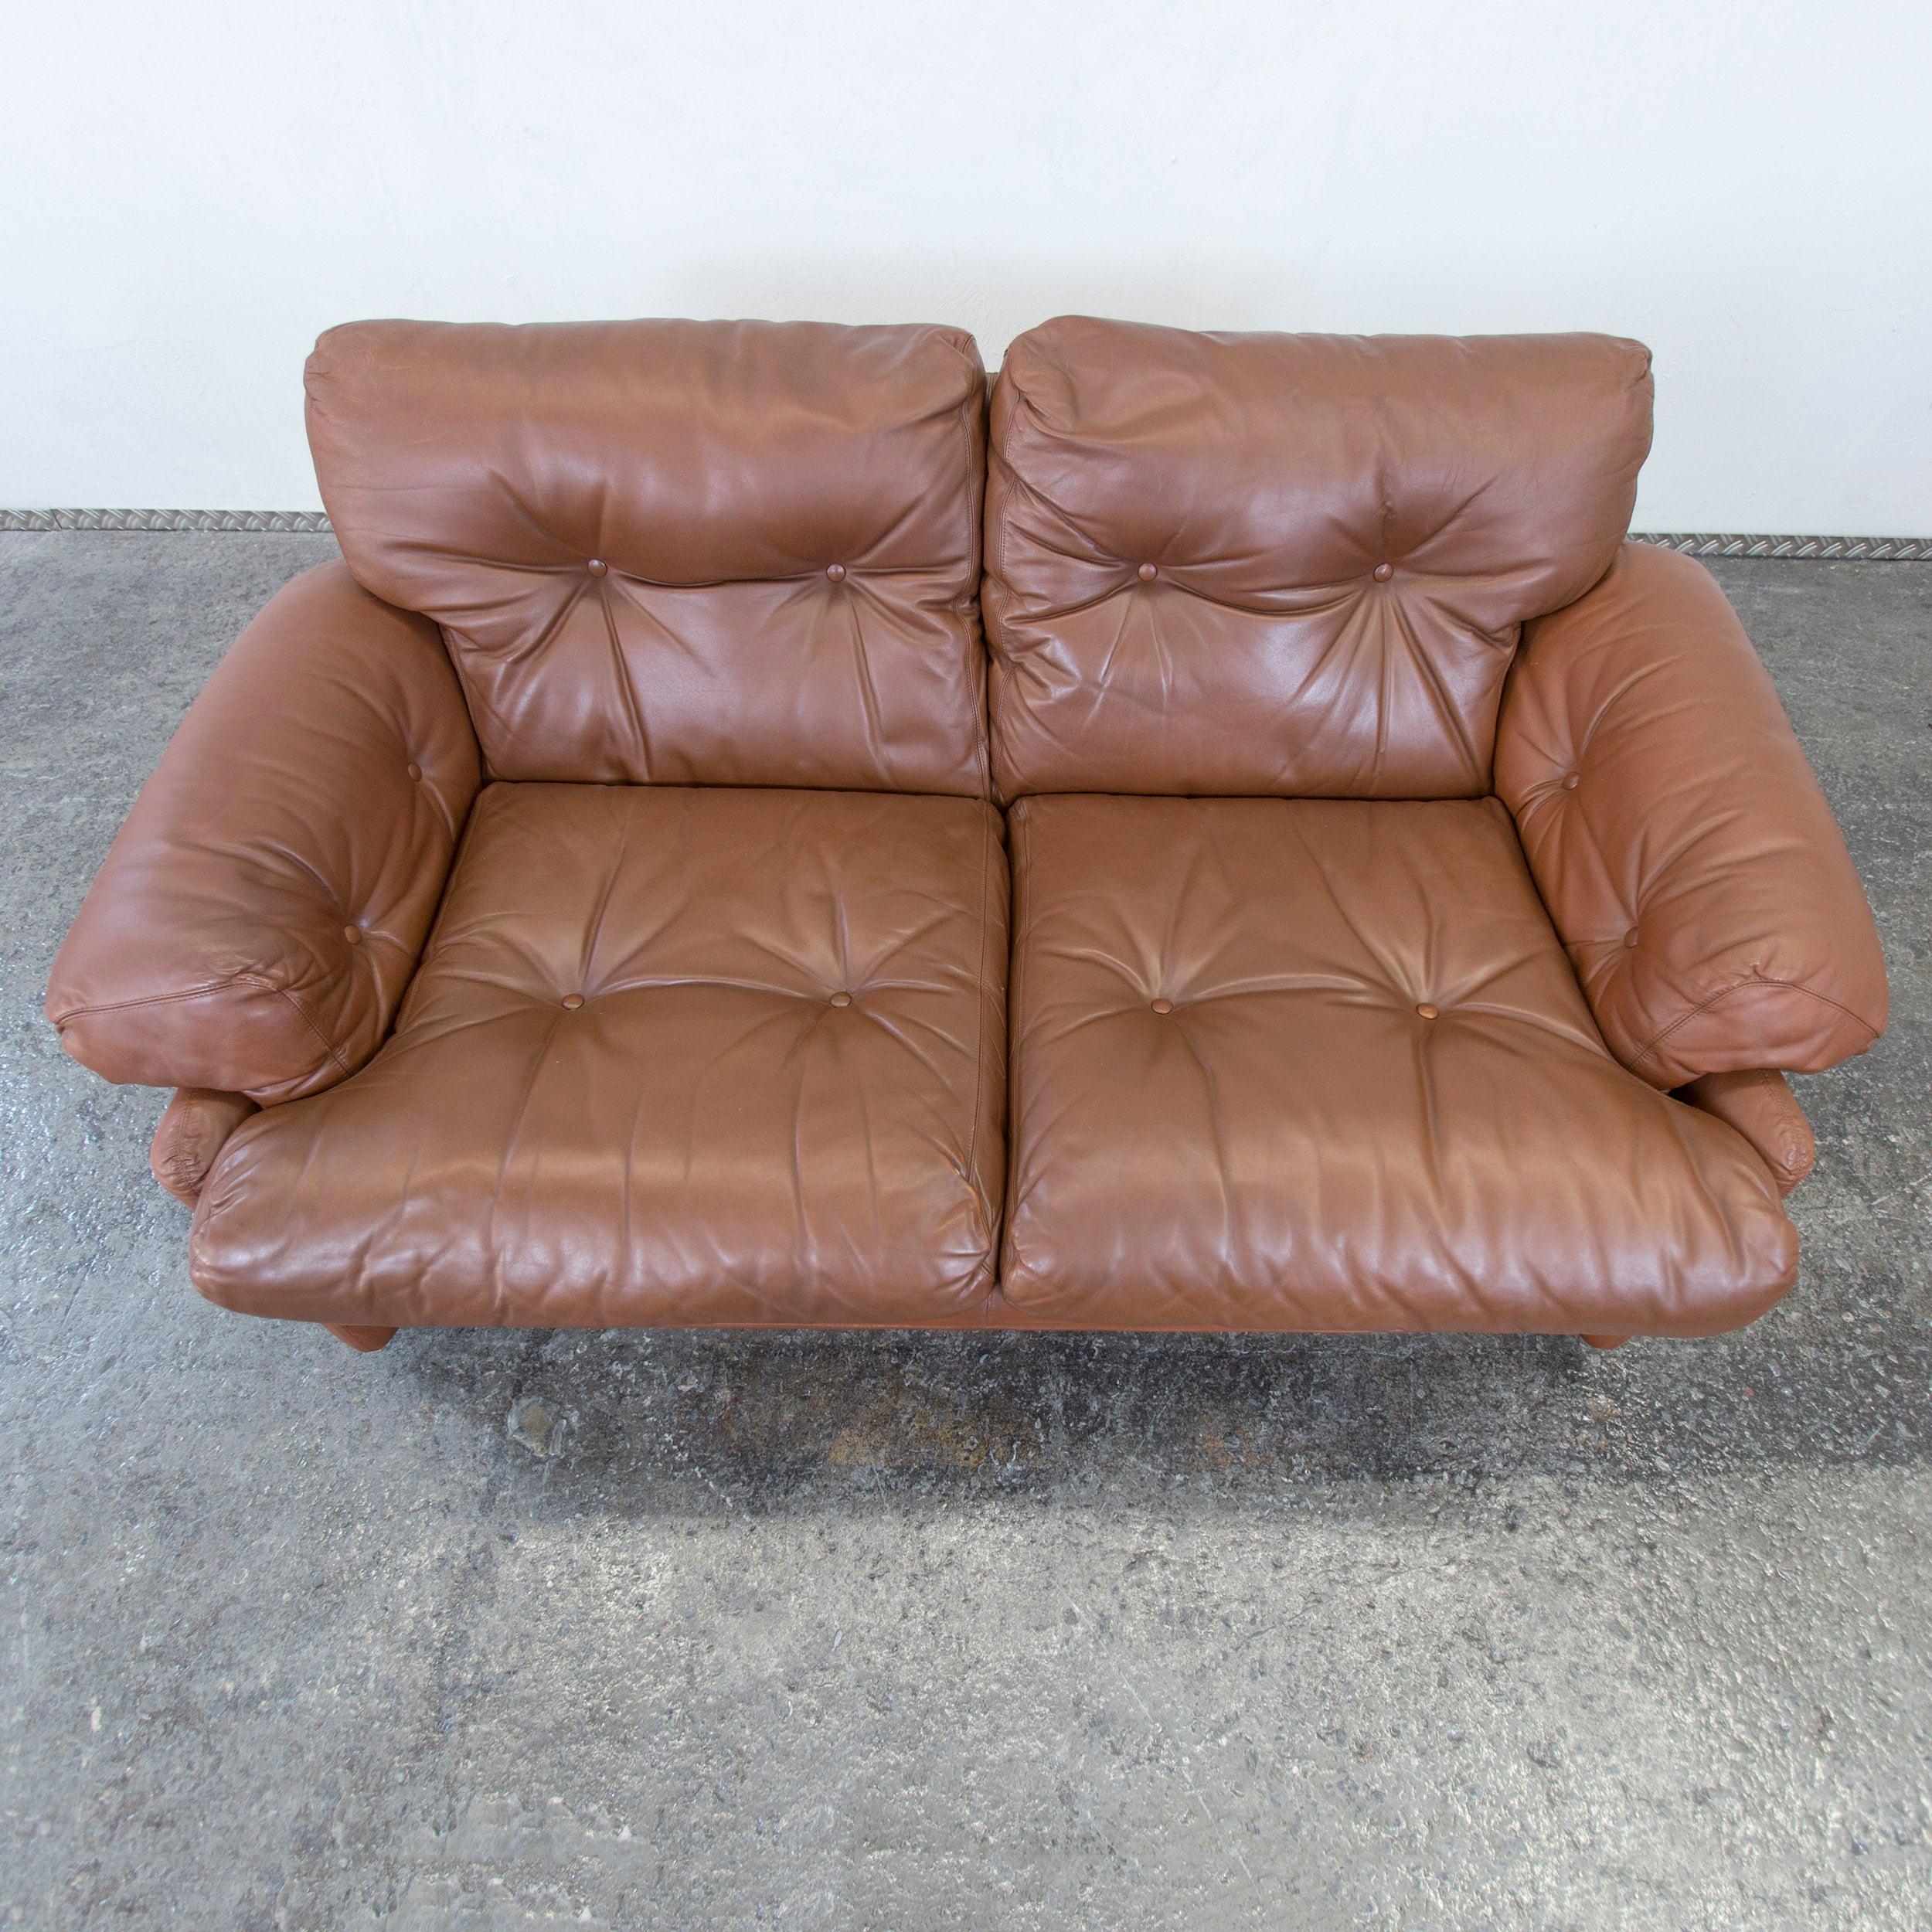 Schön Couch Braun Leder Referenz Von Finest Cub Italia Coronado Fine Leather Twoseat